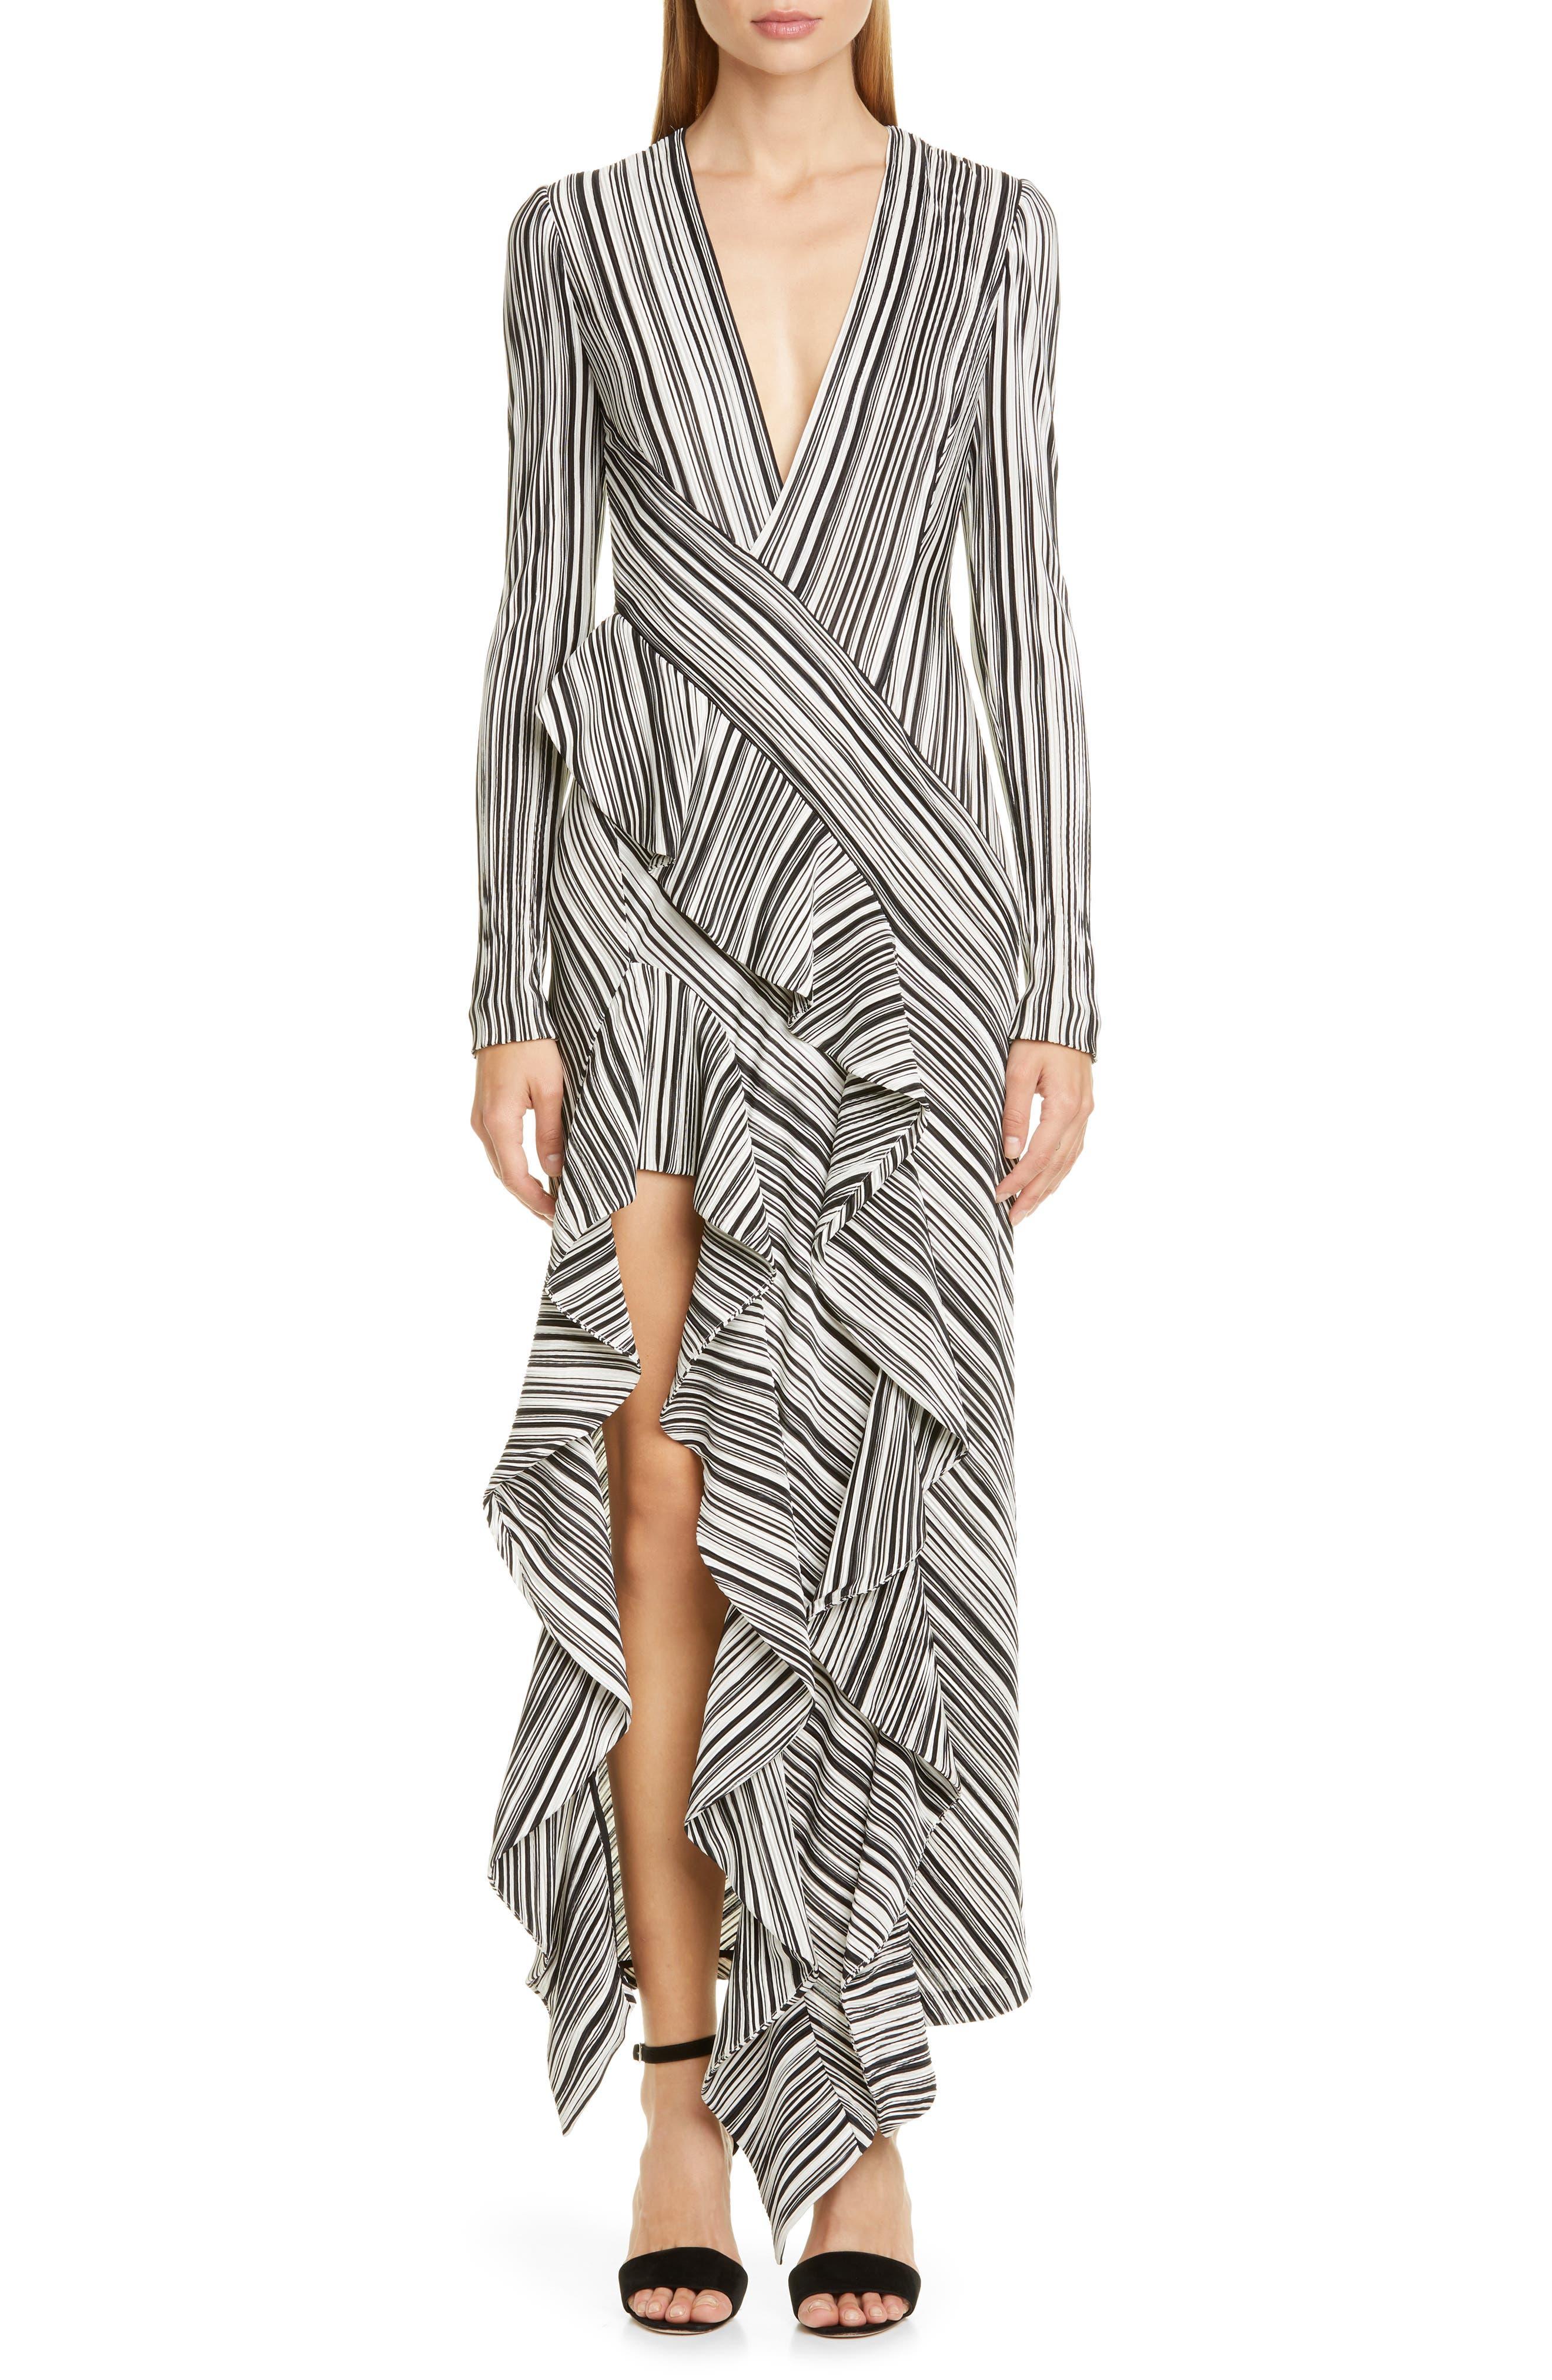 Galvan Taja Ruffle Long Sleeve Evening Dress, 4 FR - Black